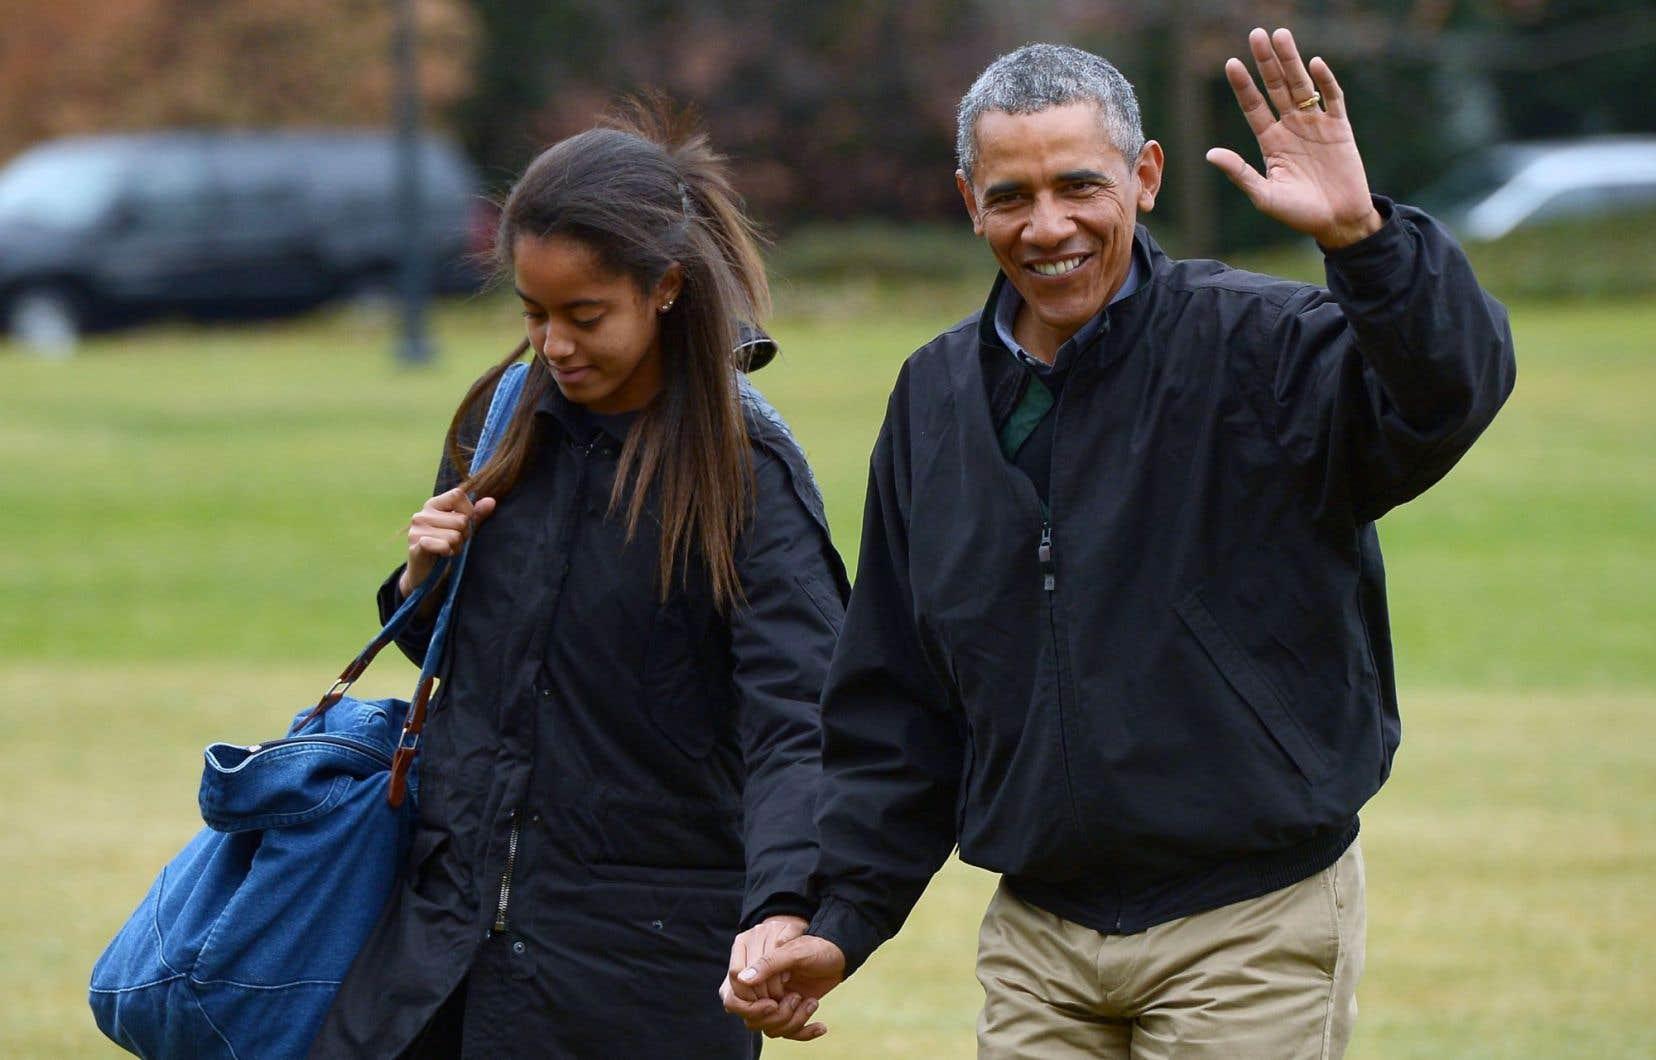 Le président américain, Barack Obama, accompagné de sa fille Malia, dimanche, lors de son retour à la Maison-Blanche après des vacances à Hawaii